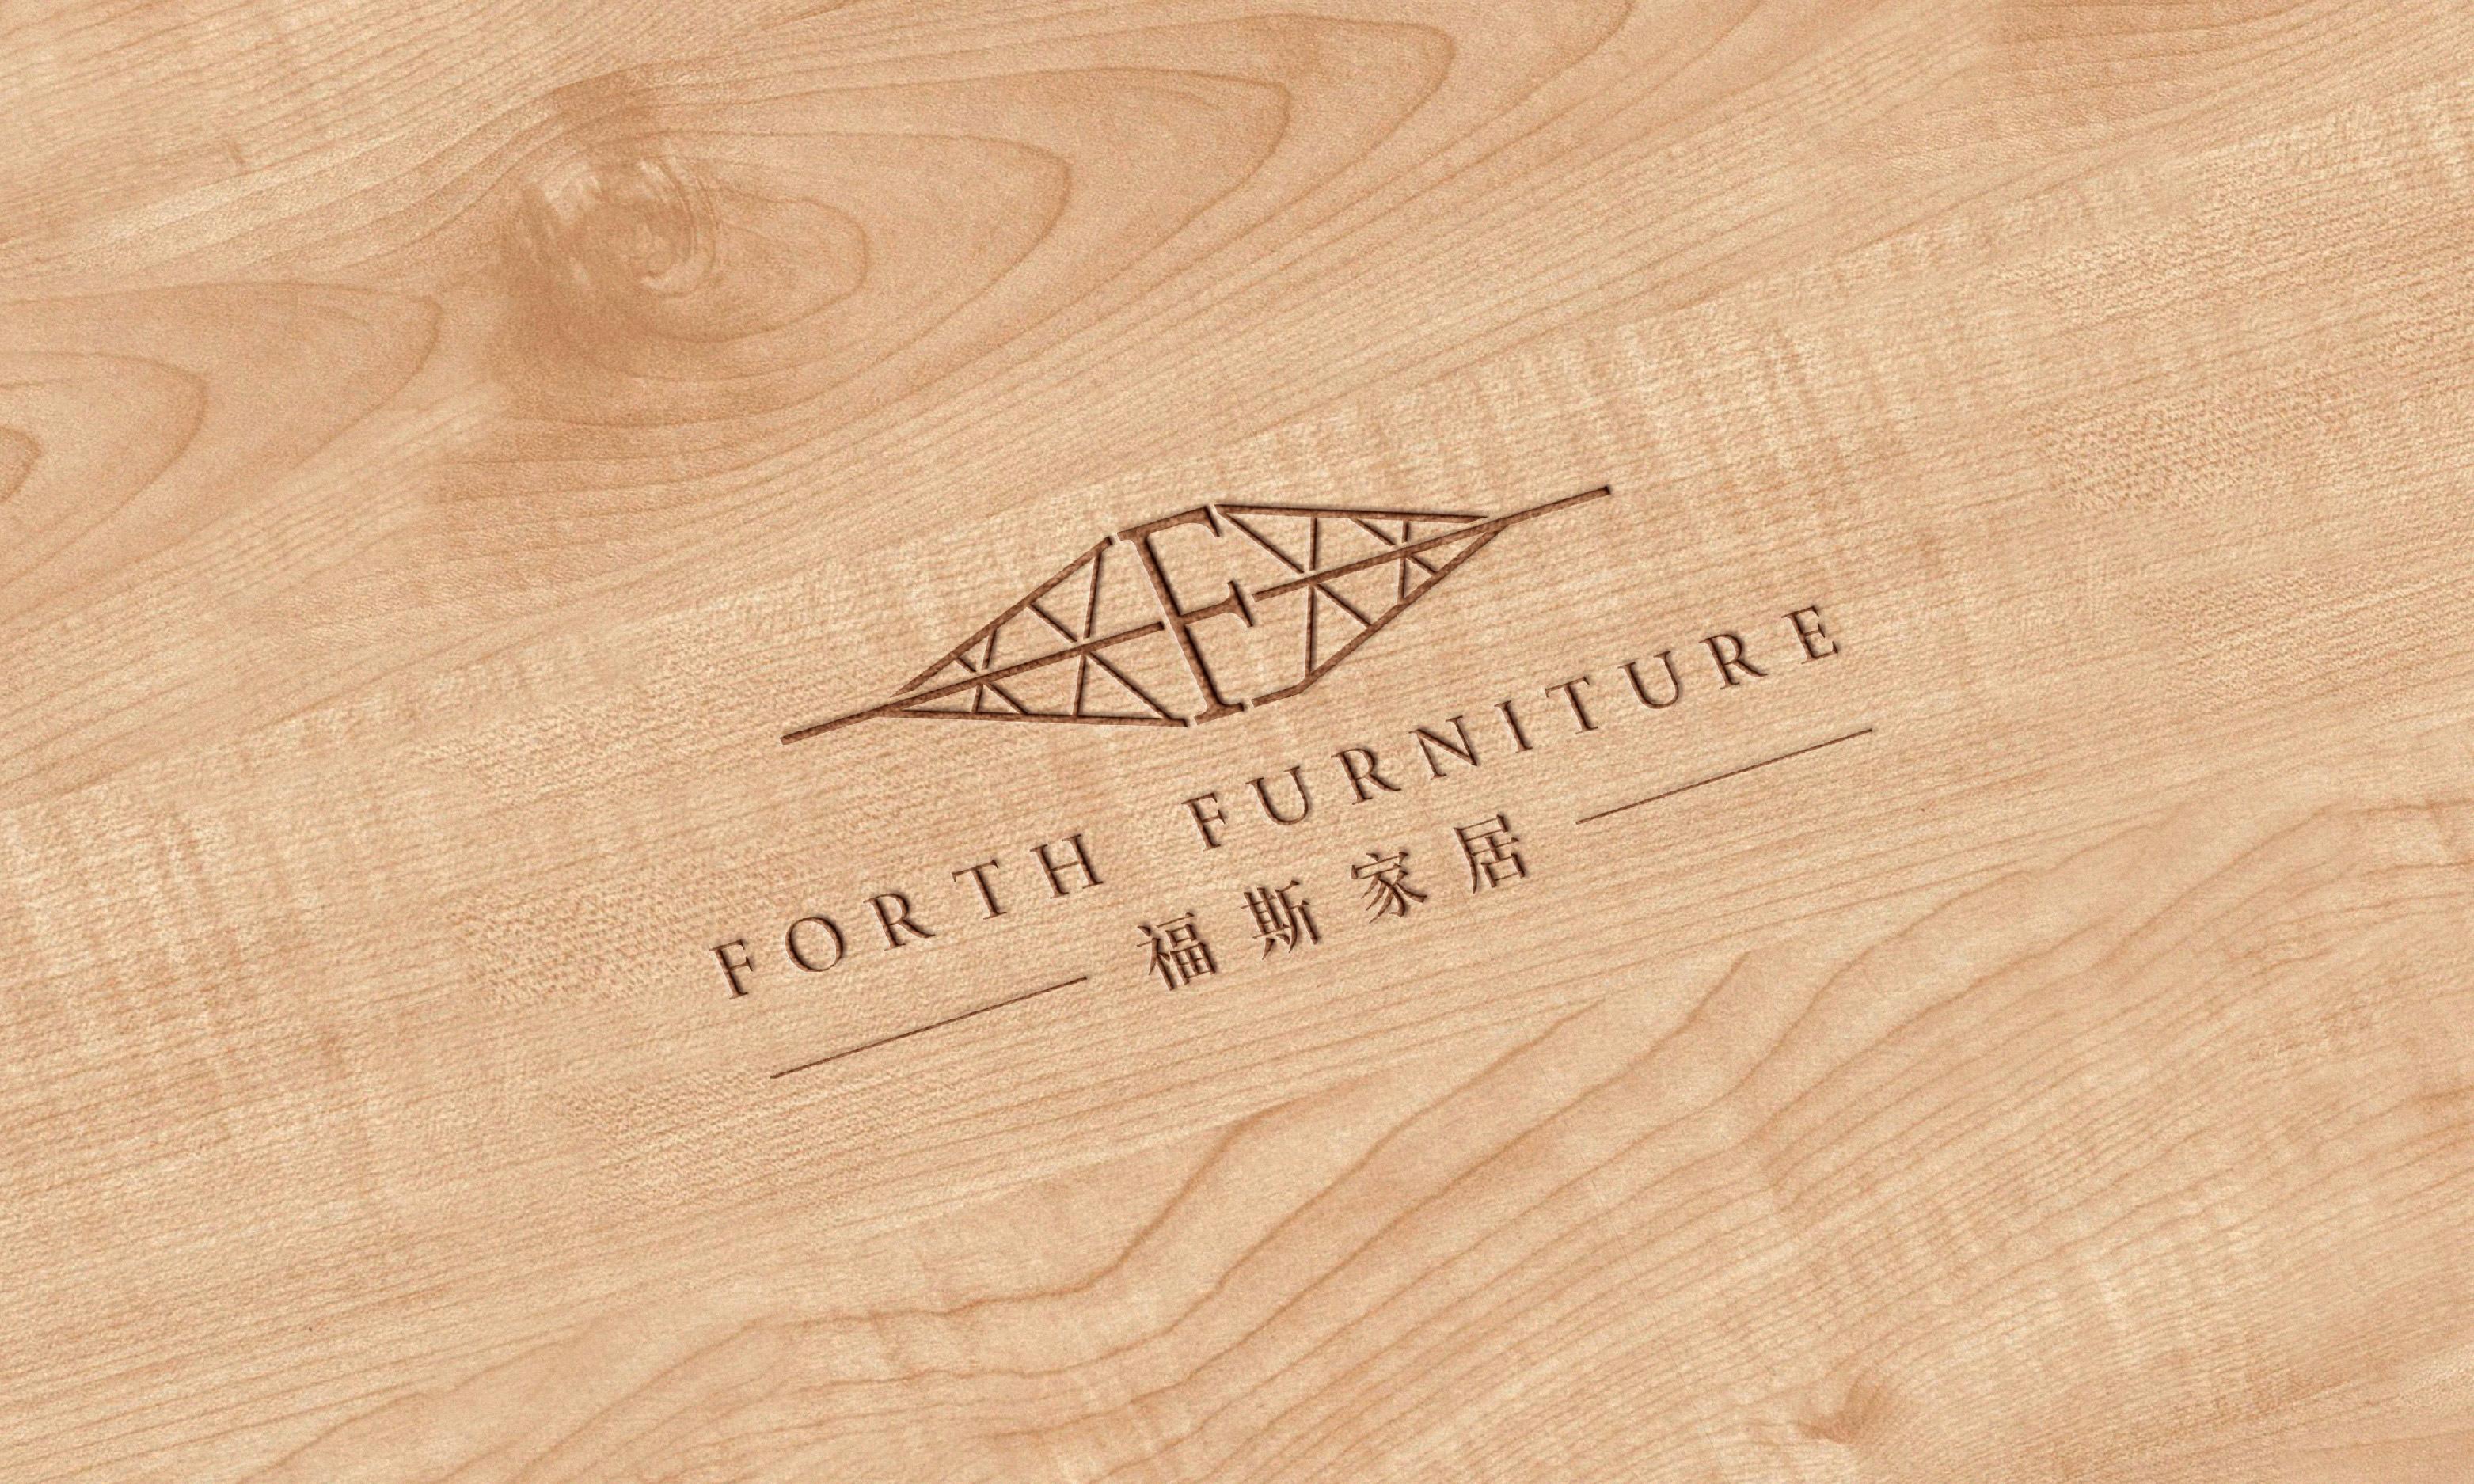 福斯家居logo